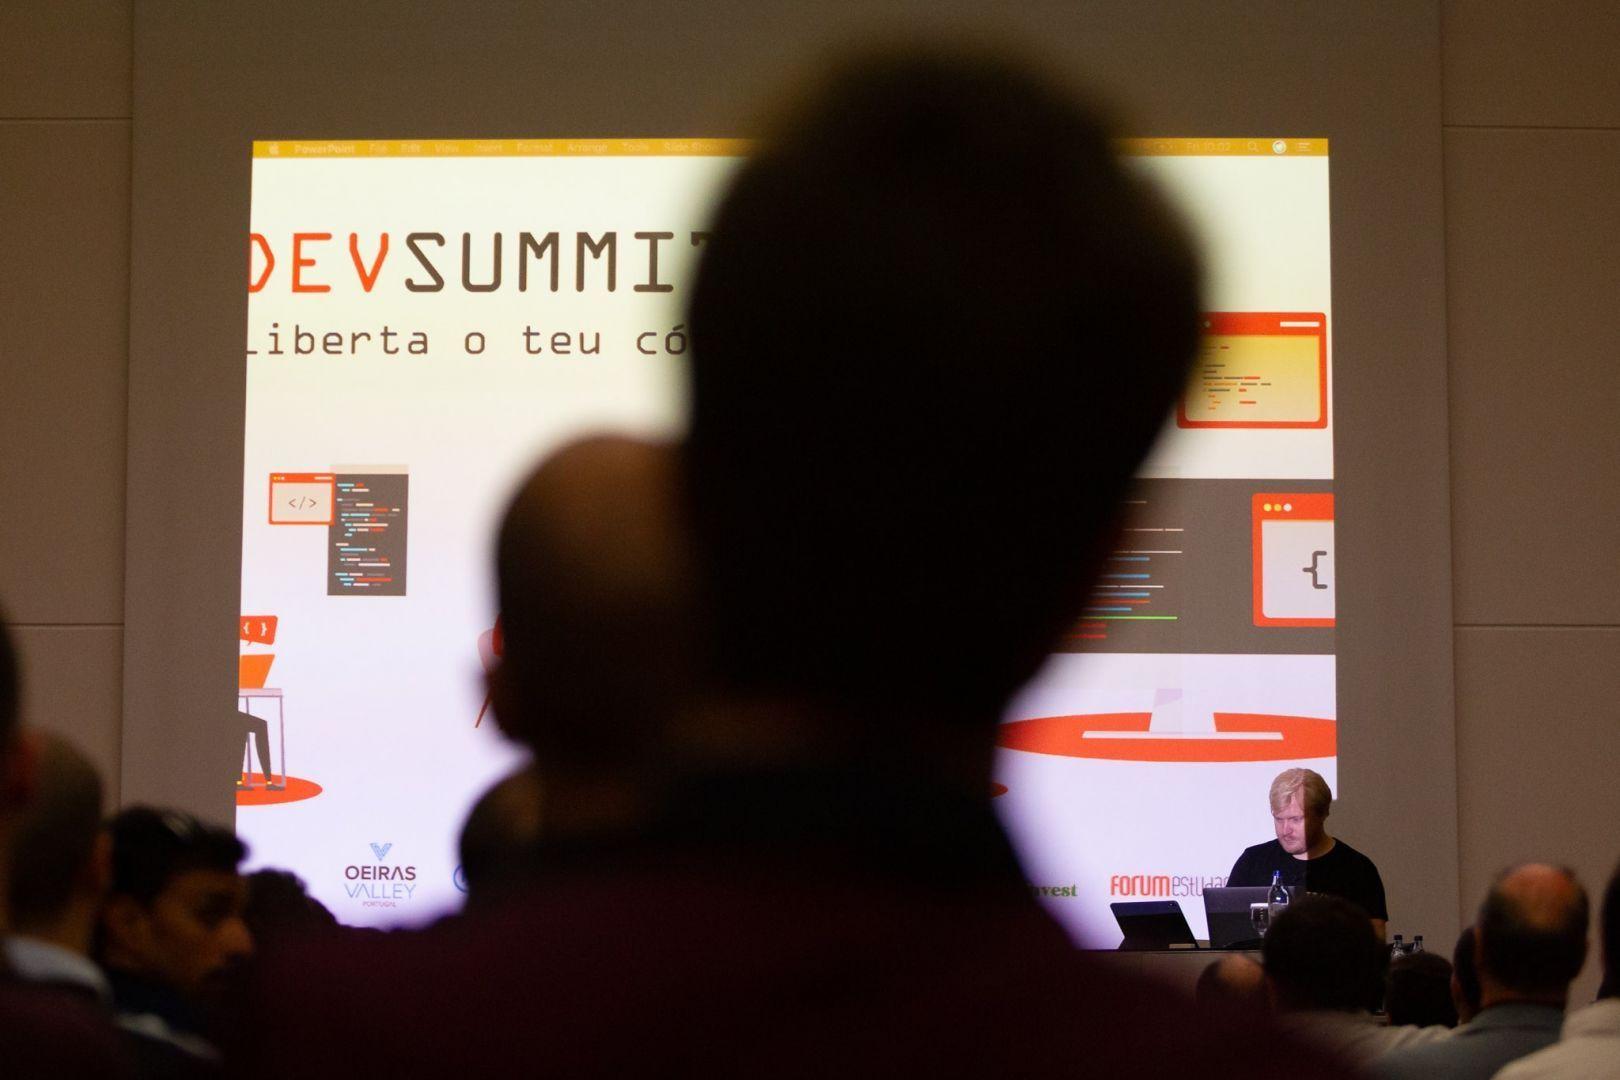 Conferência DevSummit